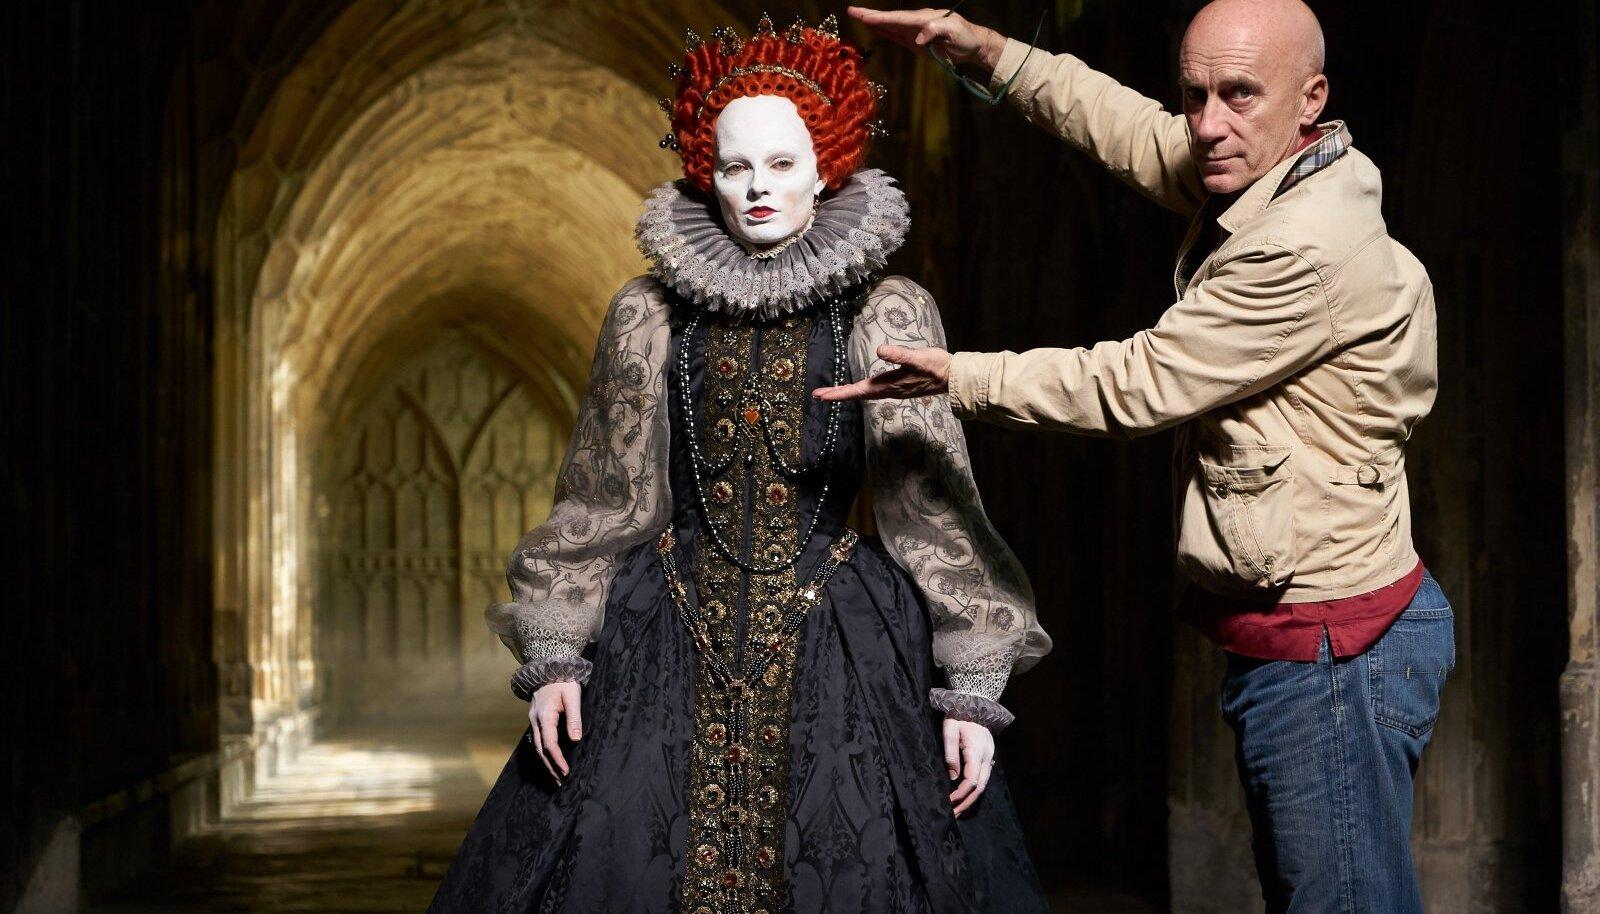 """""""MARY, ŠOTLASTE KUNINGANNA"""": Operaator John Mathieson koos näitleja Margot Robbie'ga. """"Nagu pildilt näha, üritan ma Margotit päris põrgulikuks muuta. Valgustamine õnnestus hästi, näitamaks teda vana ja hullunud kuninganna Elizabeth I-na tema valitsemisaja lõpuosas. Aga mis on selle hind? Ma näen ise fotol välja nagu Nosferatu!"""" räägib operaator pildi tagamaadest."""